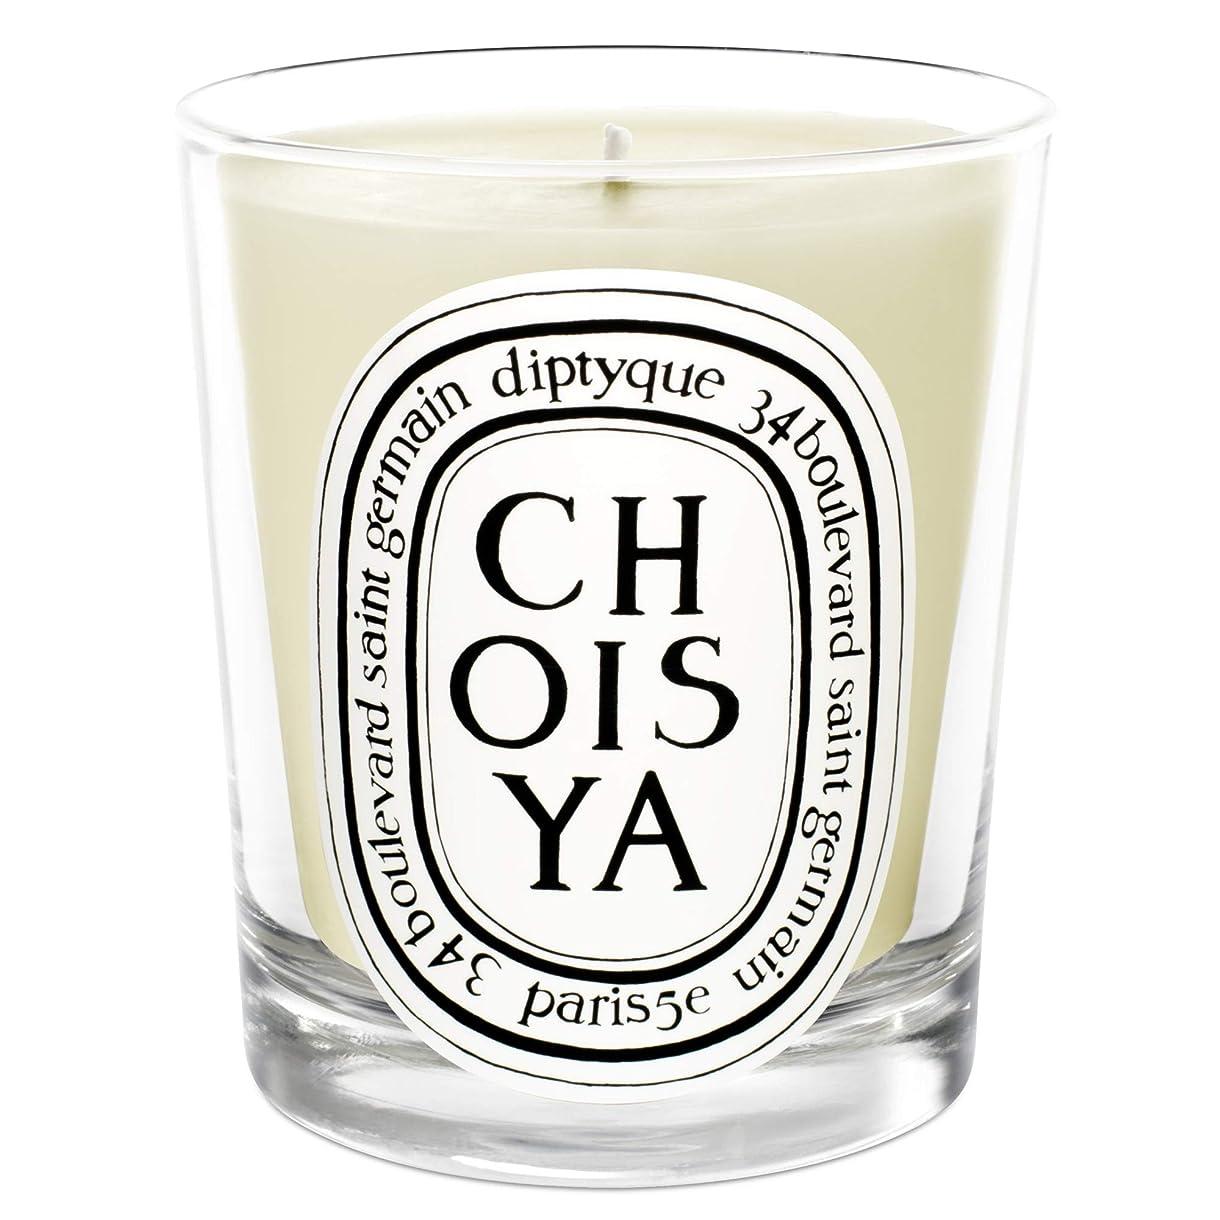 逆さまに特異なレール[Diptyque] Diptyque Choisya香りのキャンドル190グラム - Diptyque Choisya Scented Candle 190g [並行輸入品]